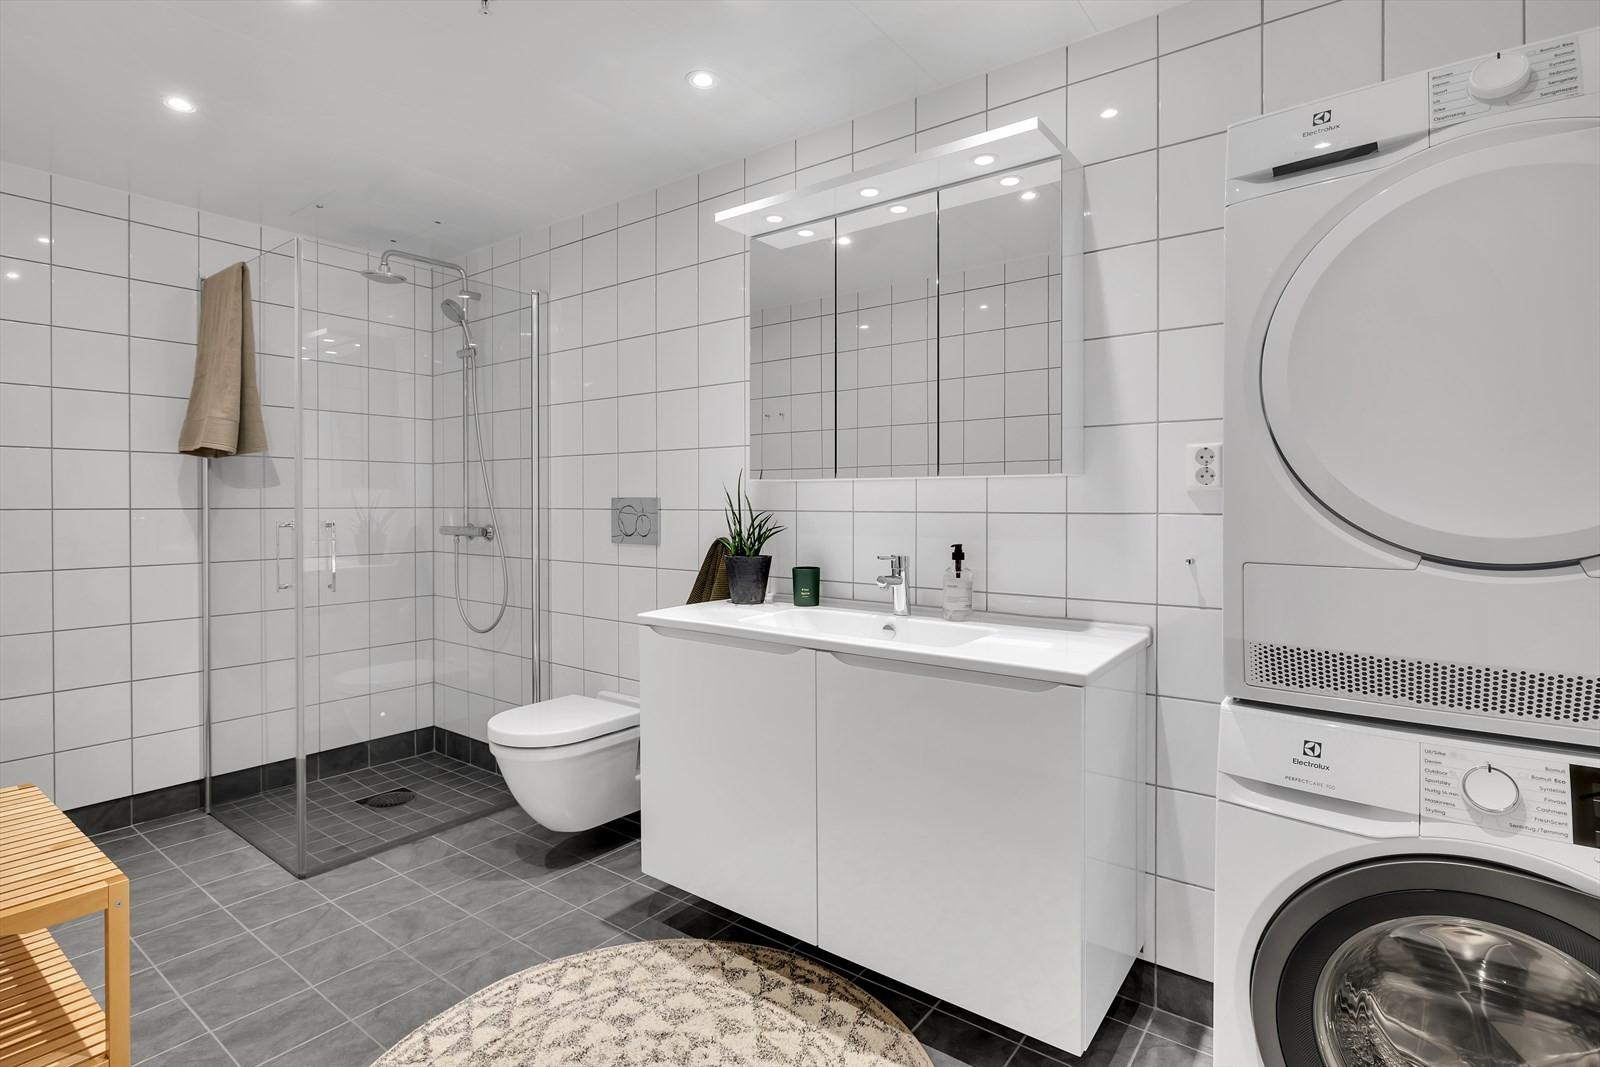 Hovedbadet er romslig med opplegg til vaskesøyle.